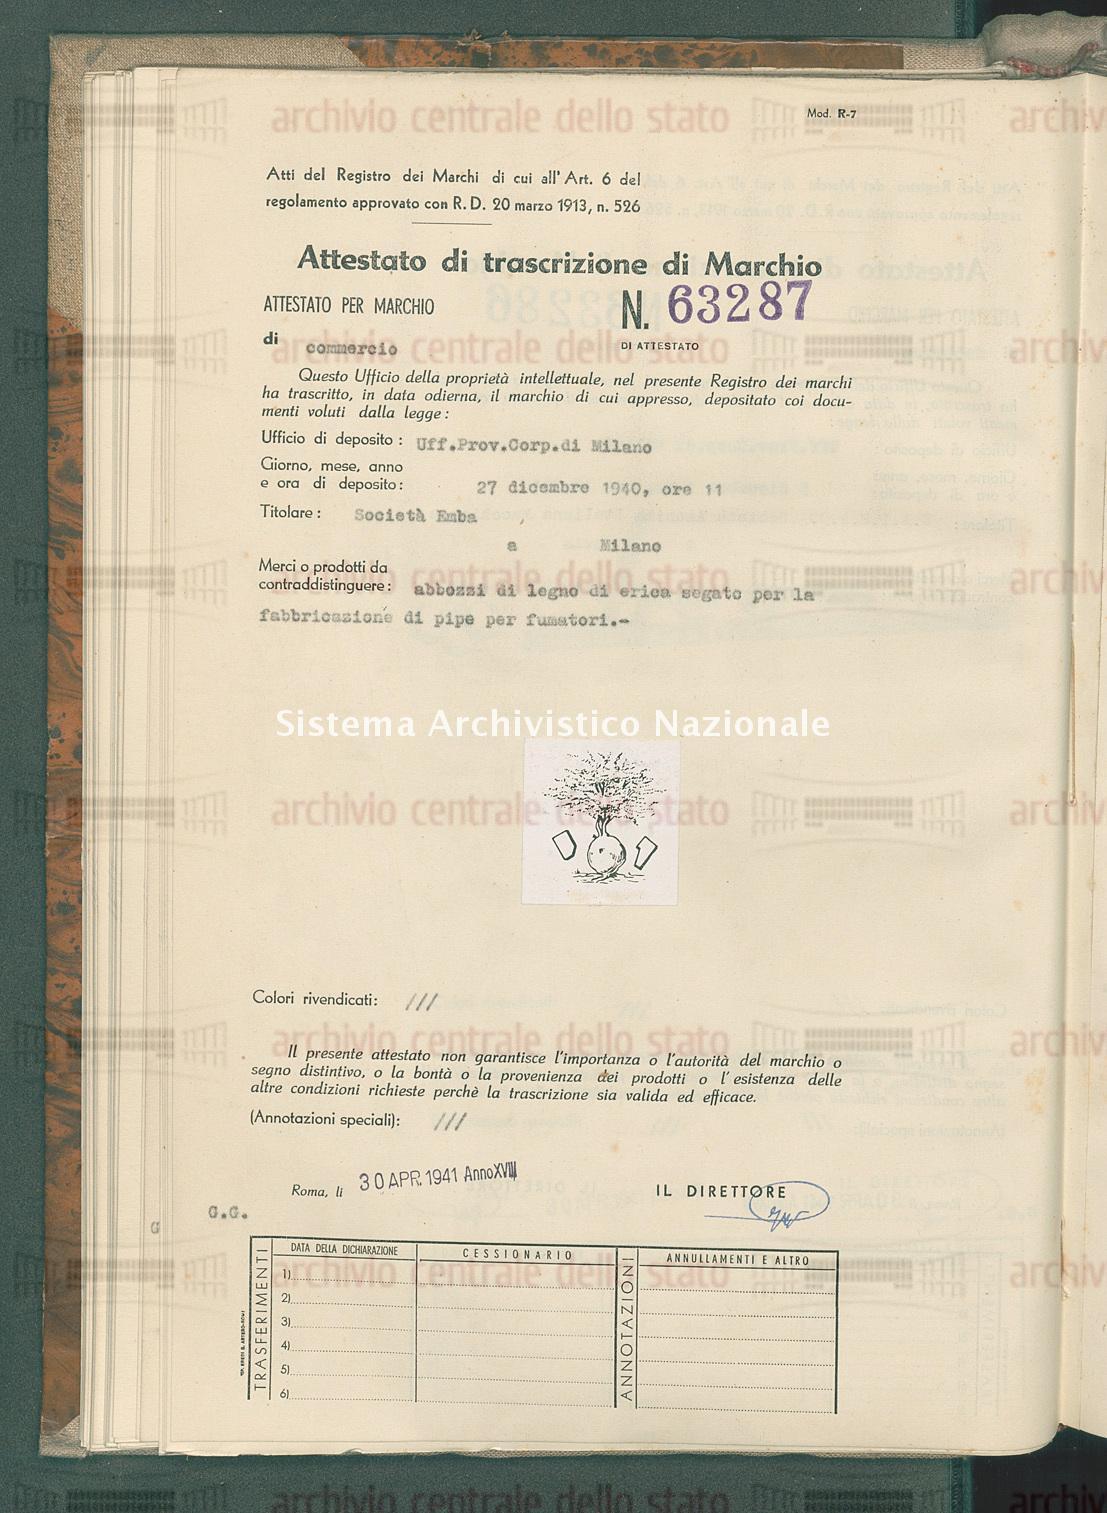 Abbozzi di legno etc. Societa' Emba (30/04/1941)